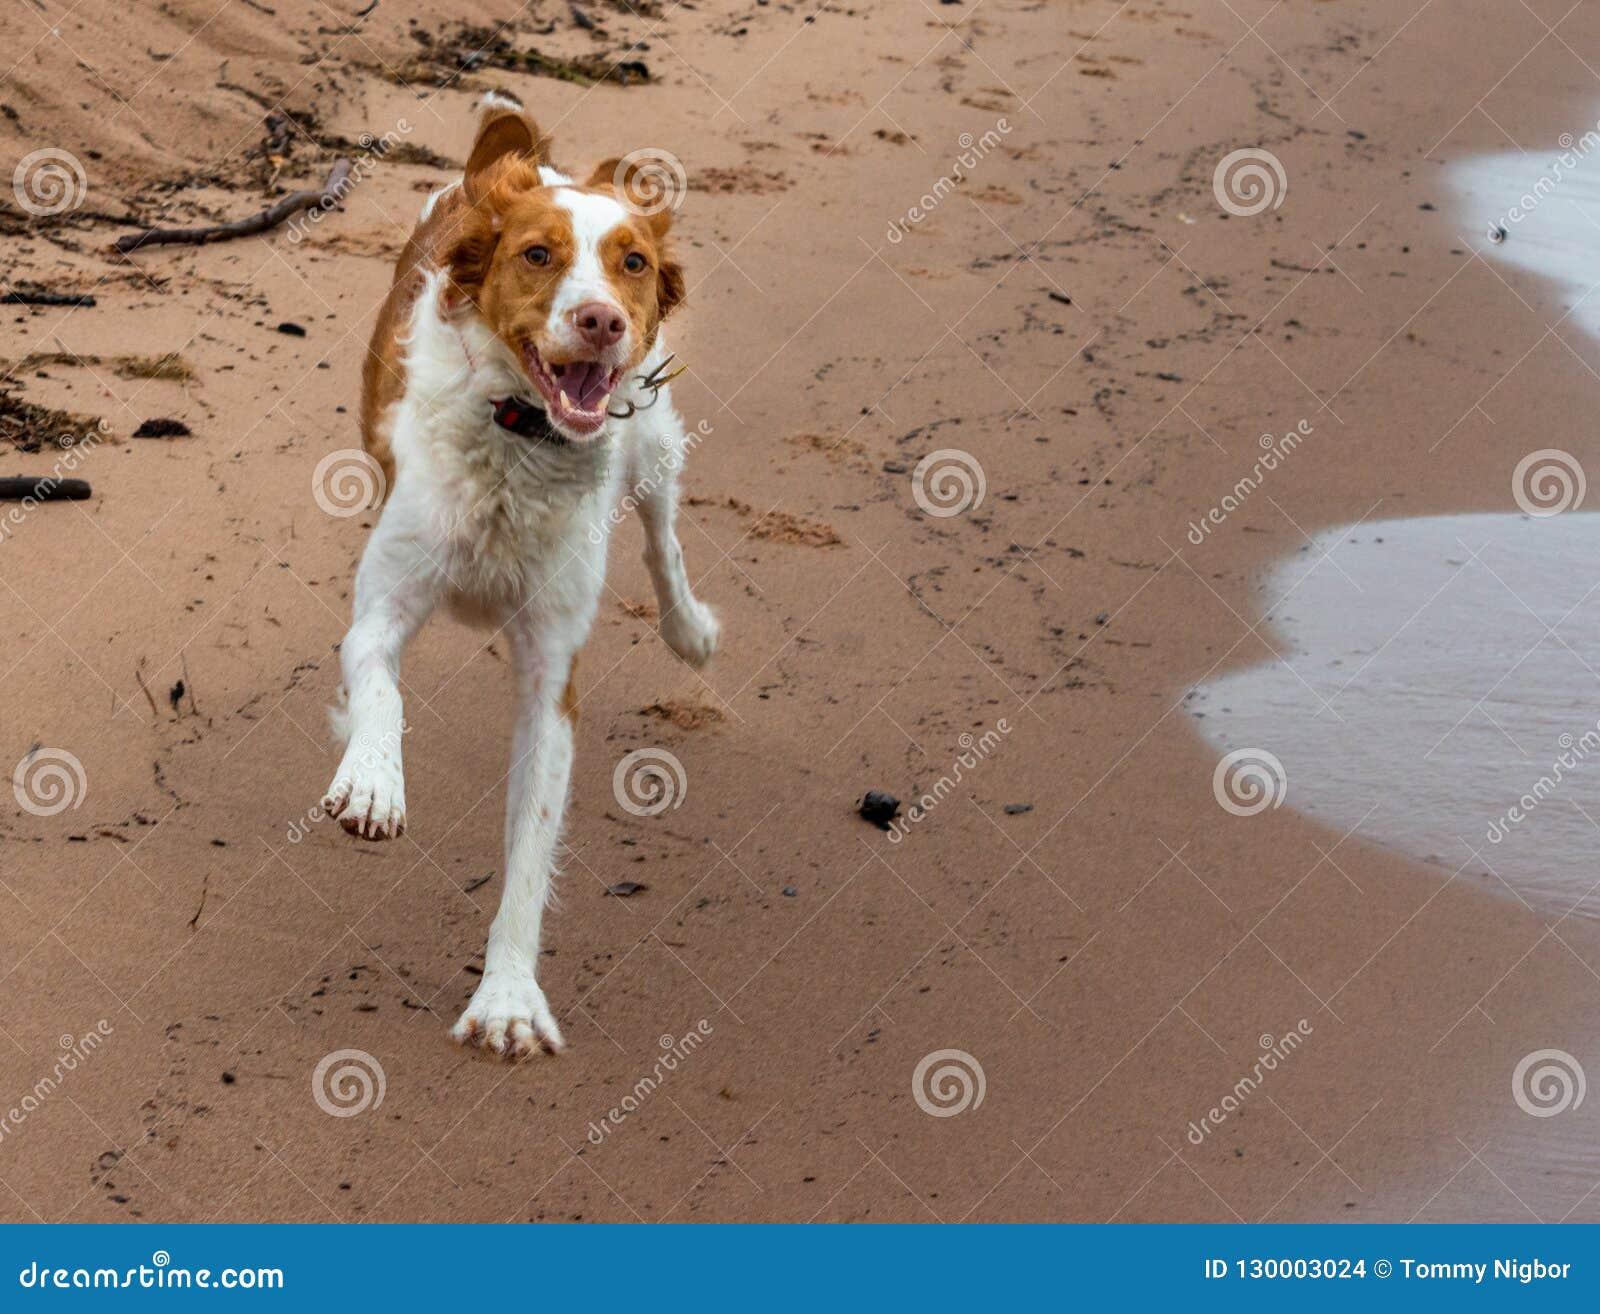 Brittany Running felice sulla sabbia della spiaggia di estate